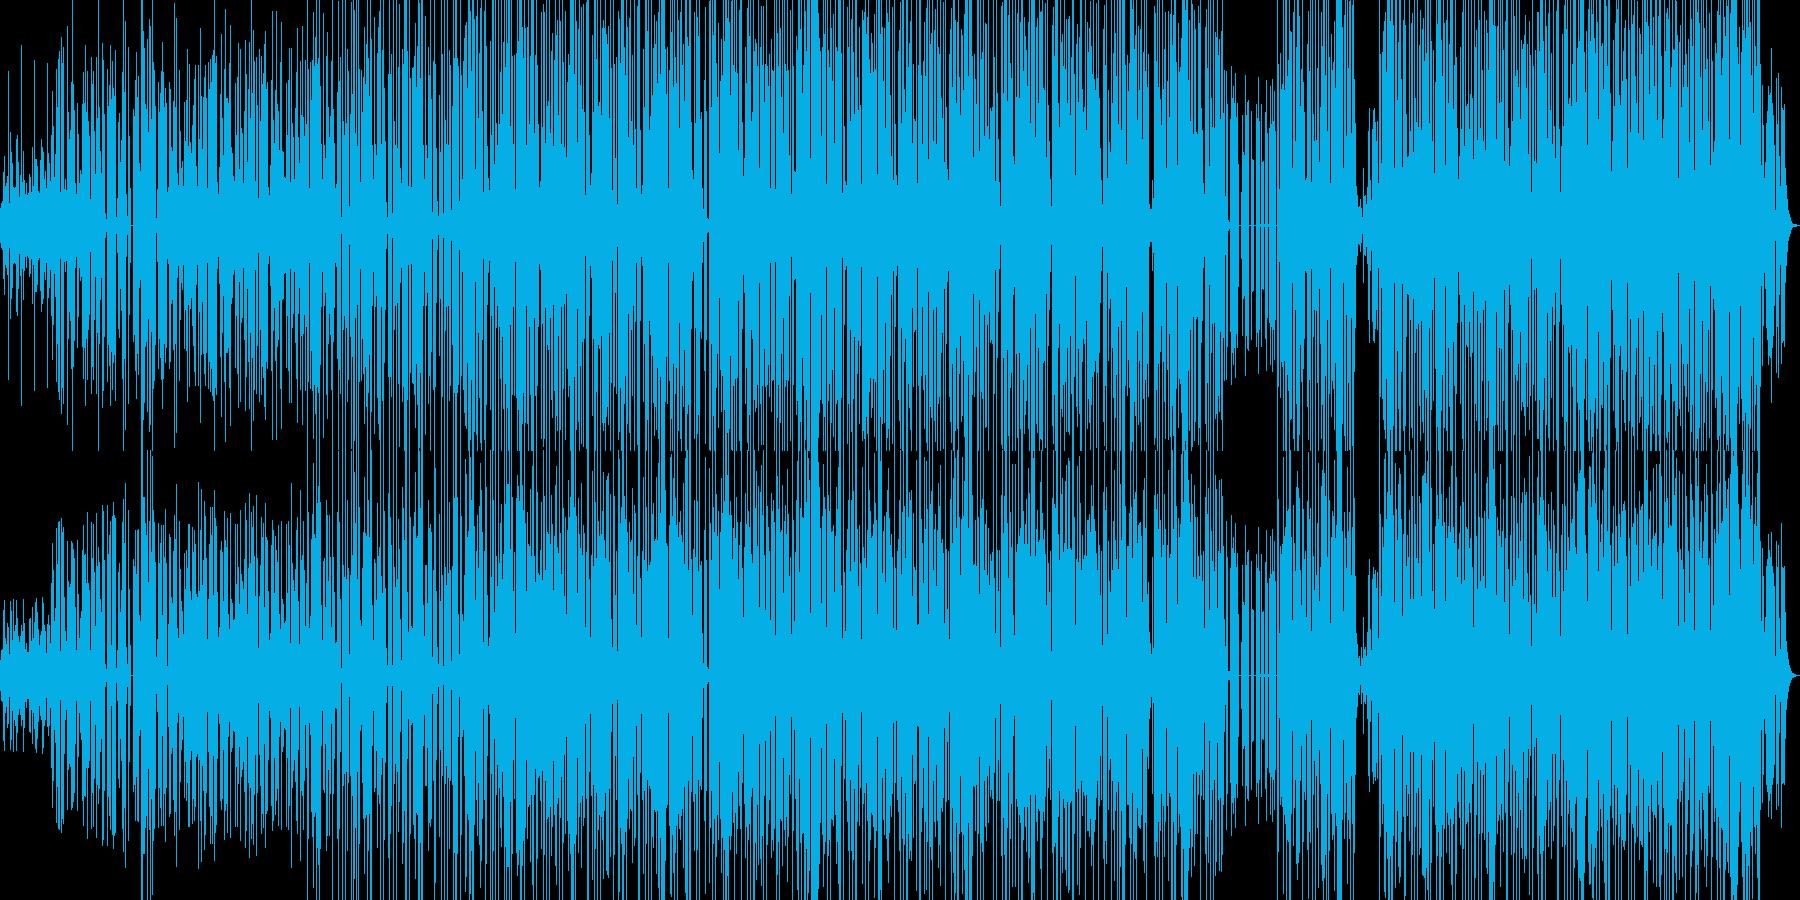 脳天気なほのぼの夏向きレゲエチューン。の再生済みの波形